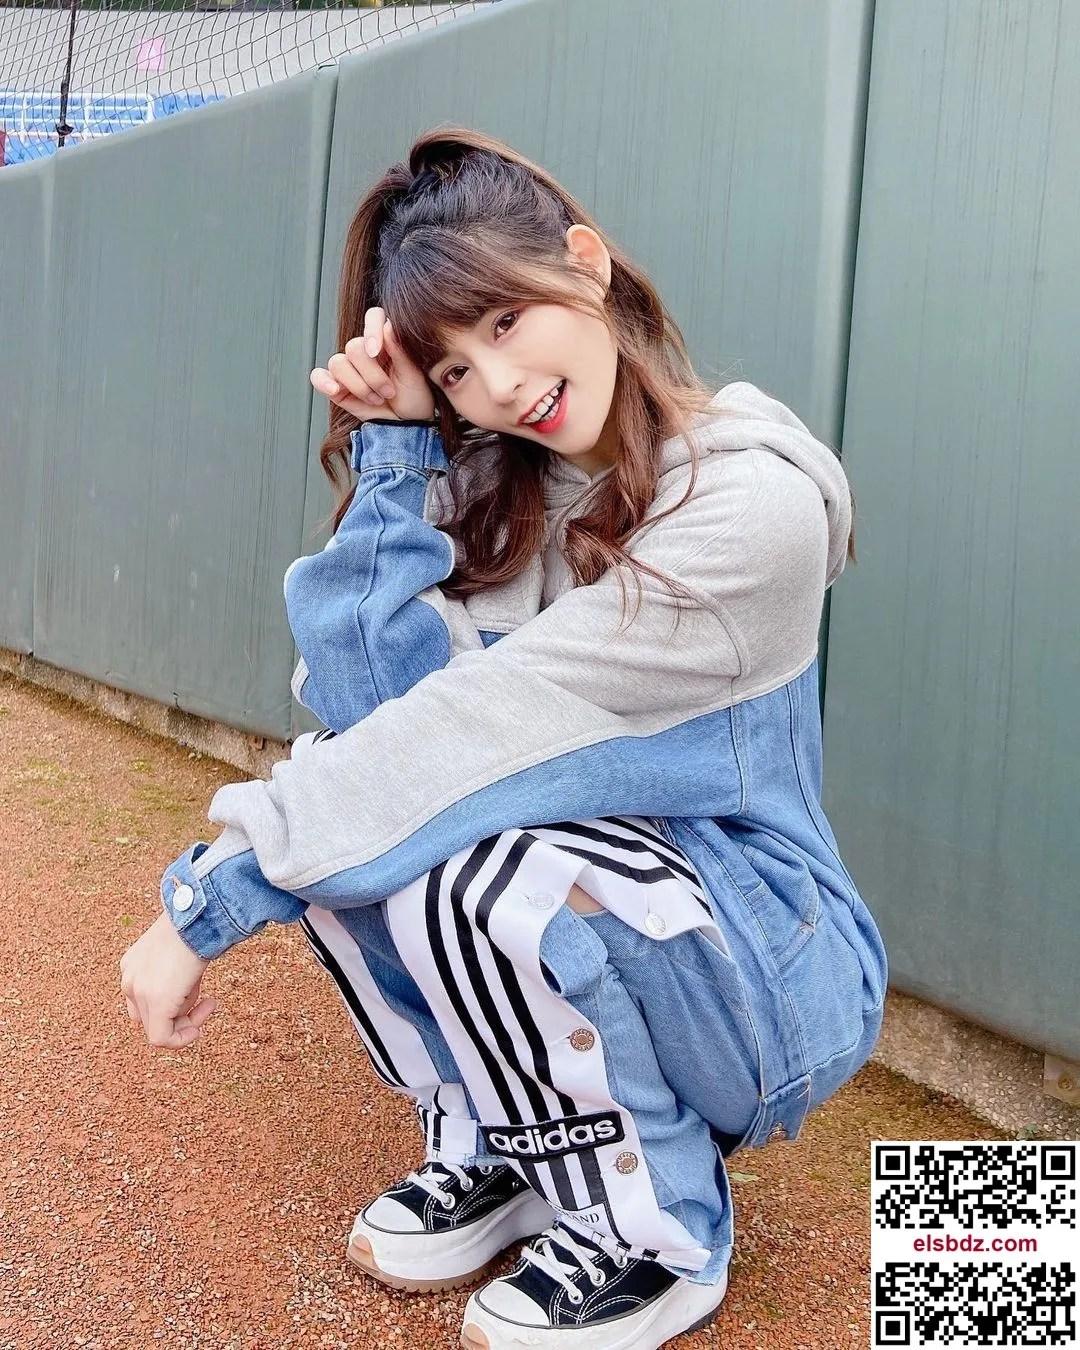 """小清新双马尾正妹""""筱晴"""",让你维持青春活力!插图(2)"""